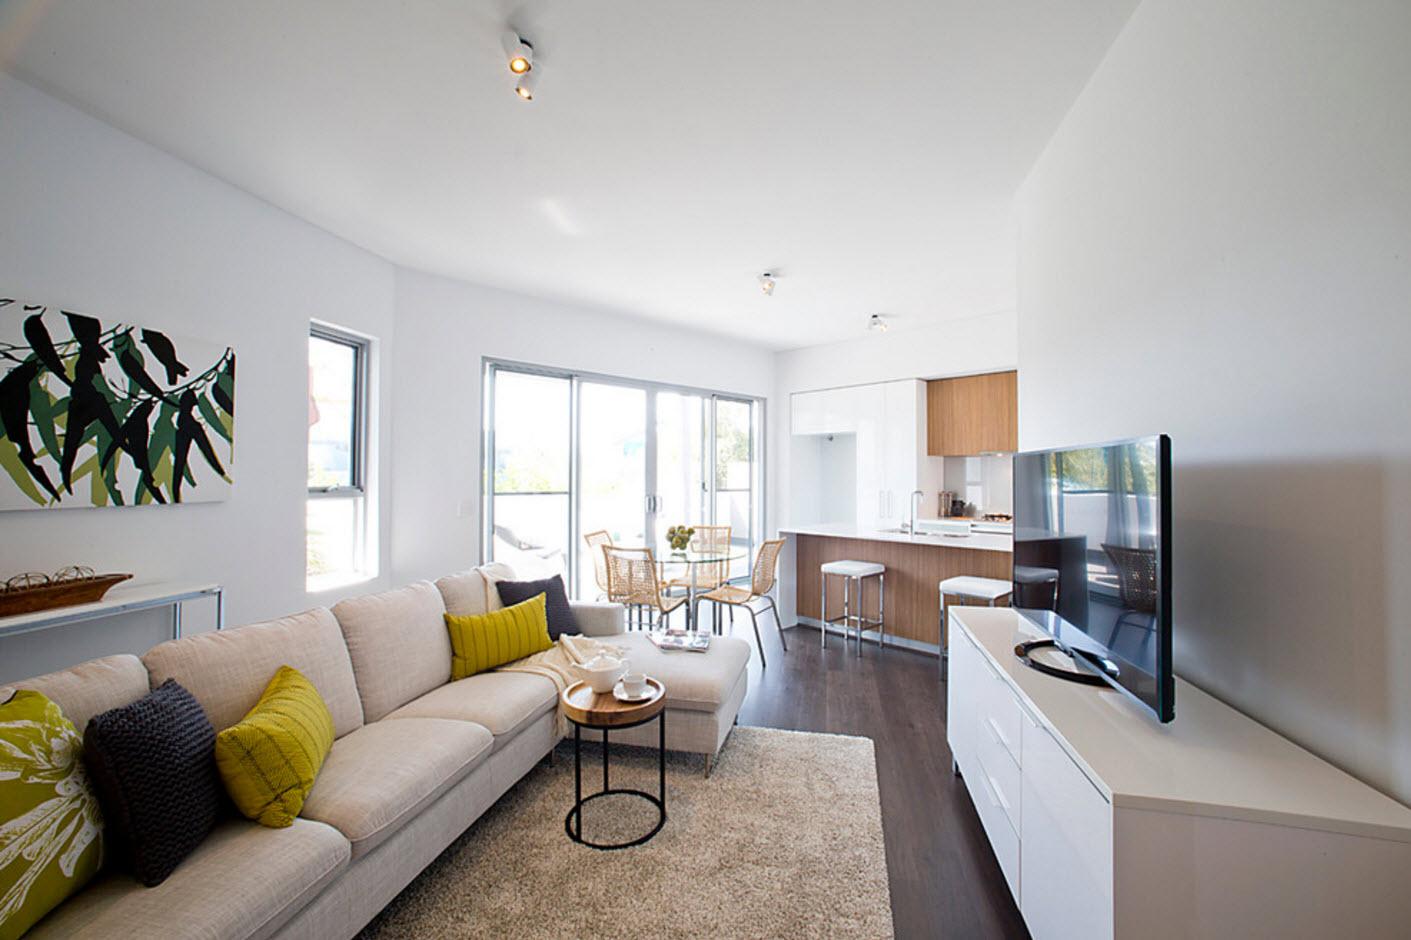 Стиль лофт – дизайн интерьера квартиры и дома в стиле лофт